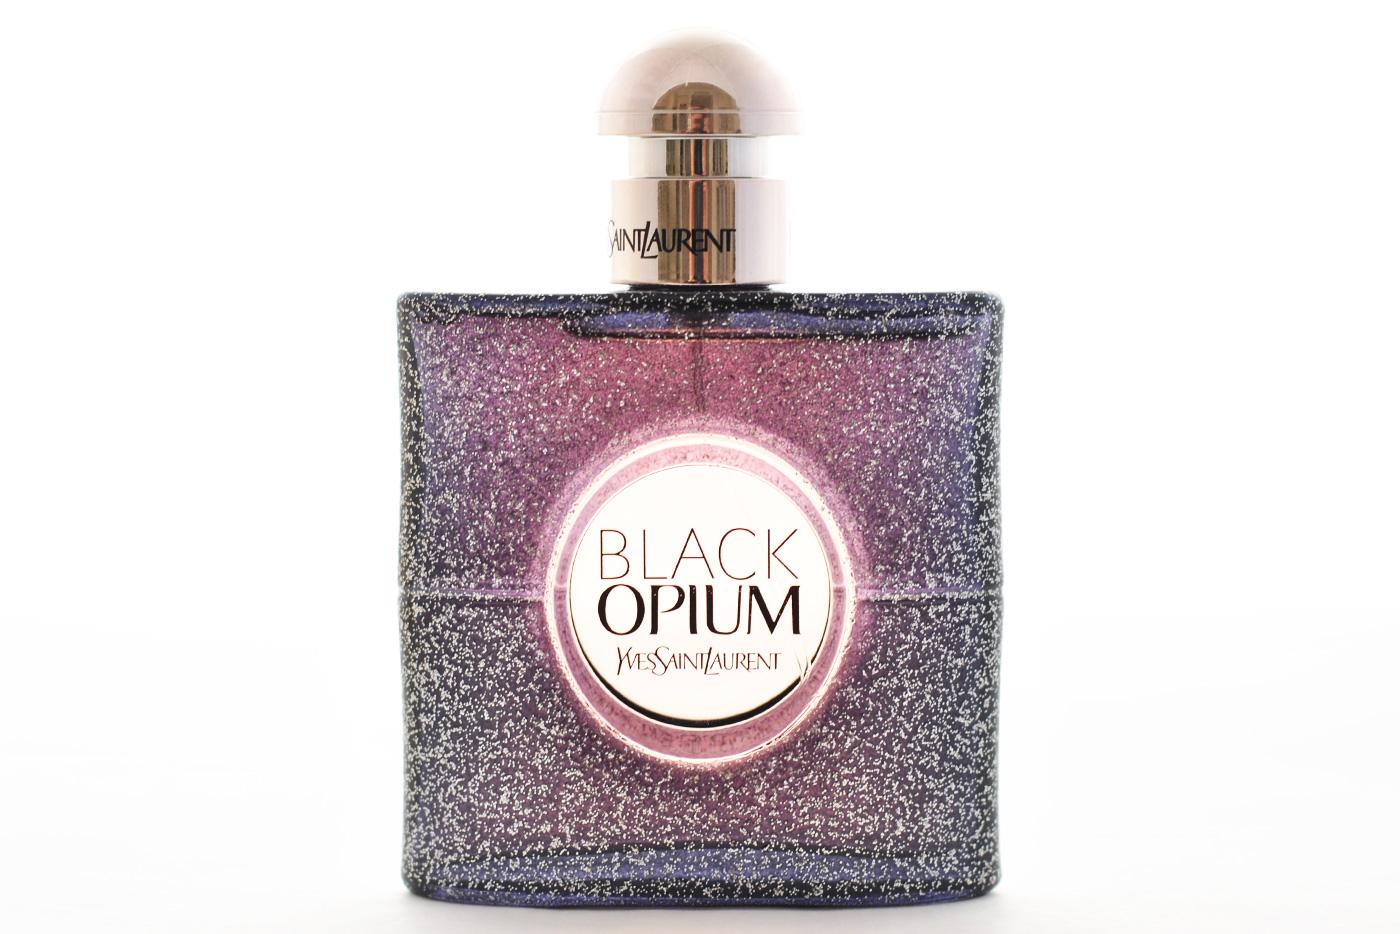 Ysl-black-opium-taste-of-runway-img-post1